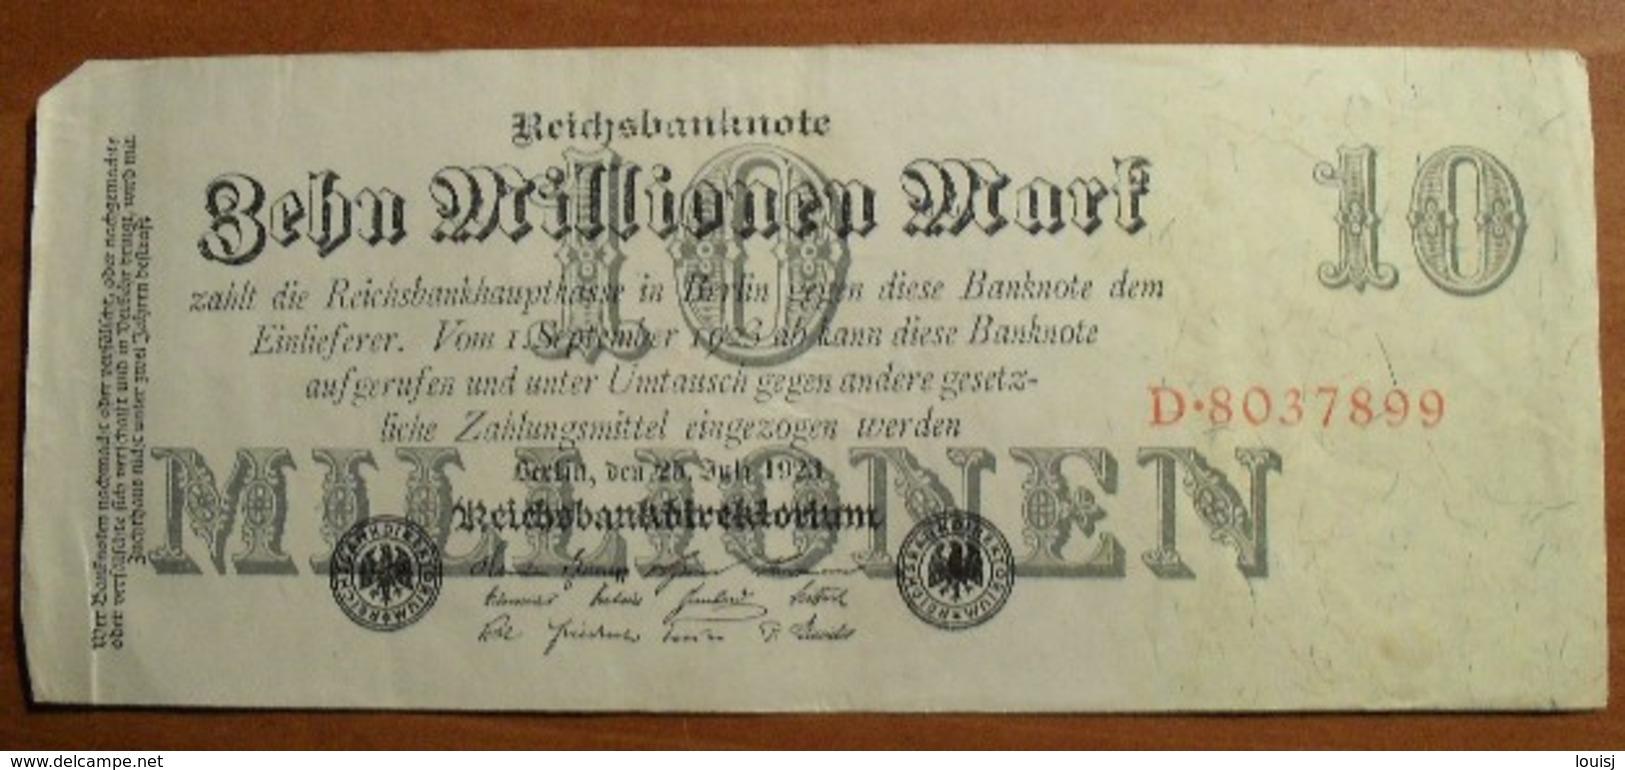 1923 - Allemagne - Germany - Weimar - ZEHN MILLIONEN MARK, Berlin, Den 25 Juli 1923, D.8037899 - [ 3] 1918-1933 : Weimar Republic